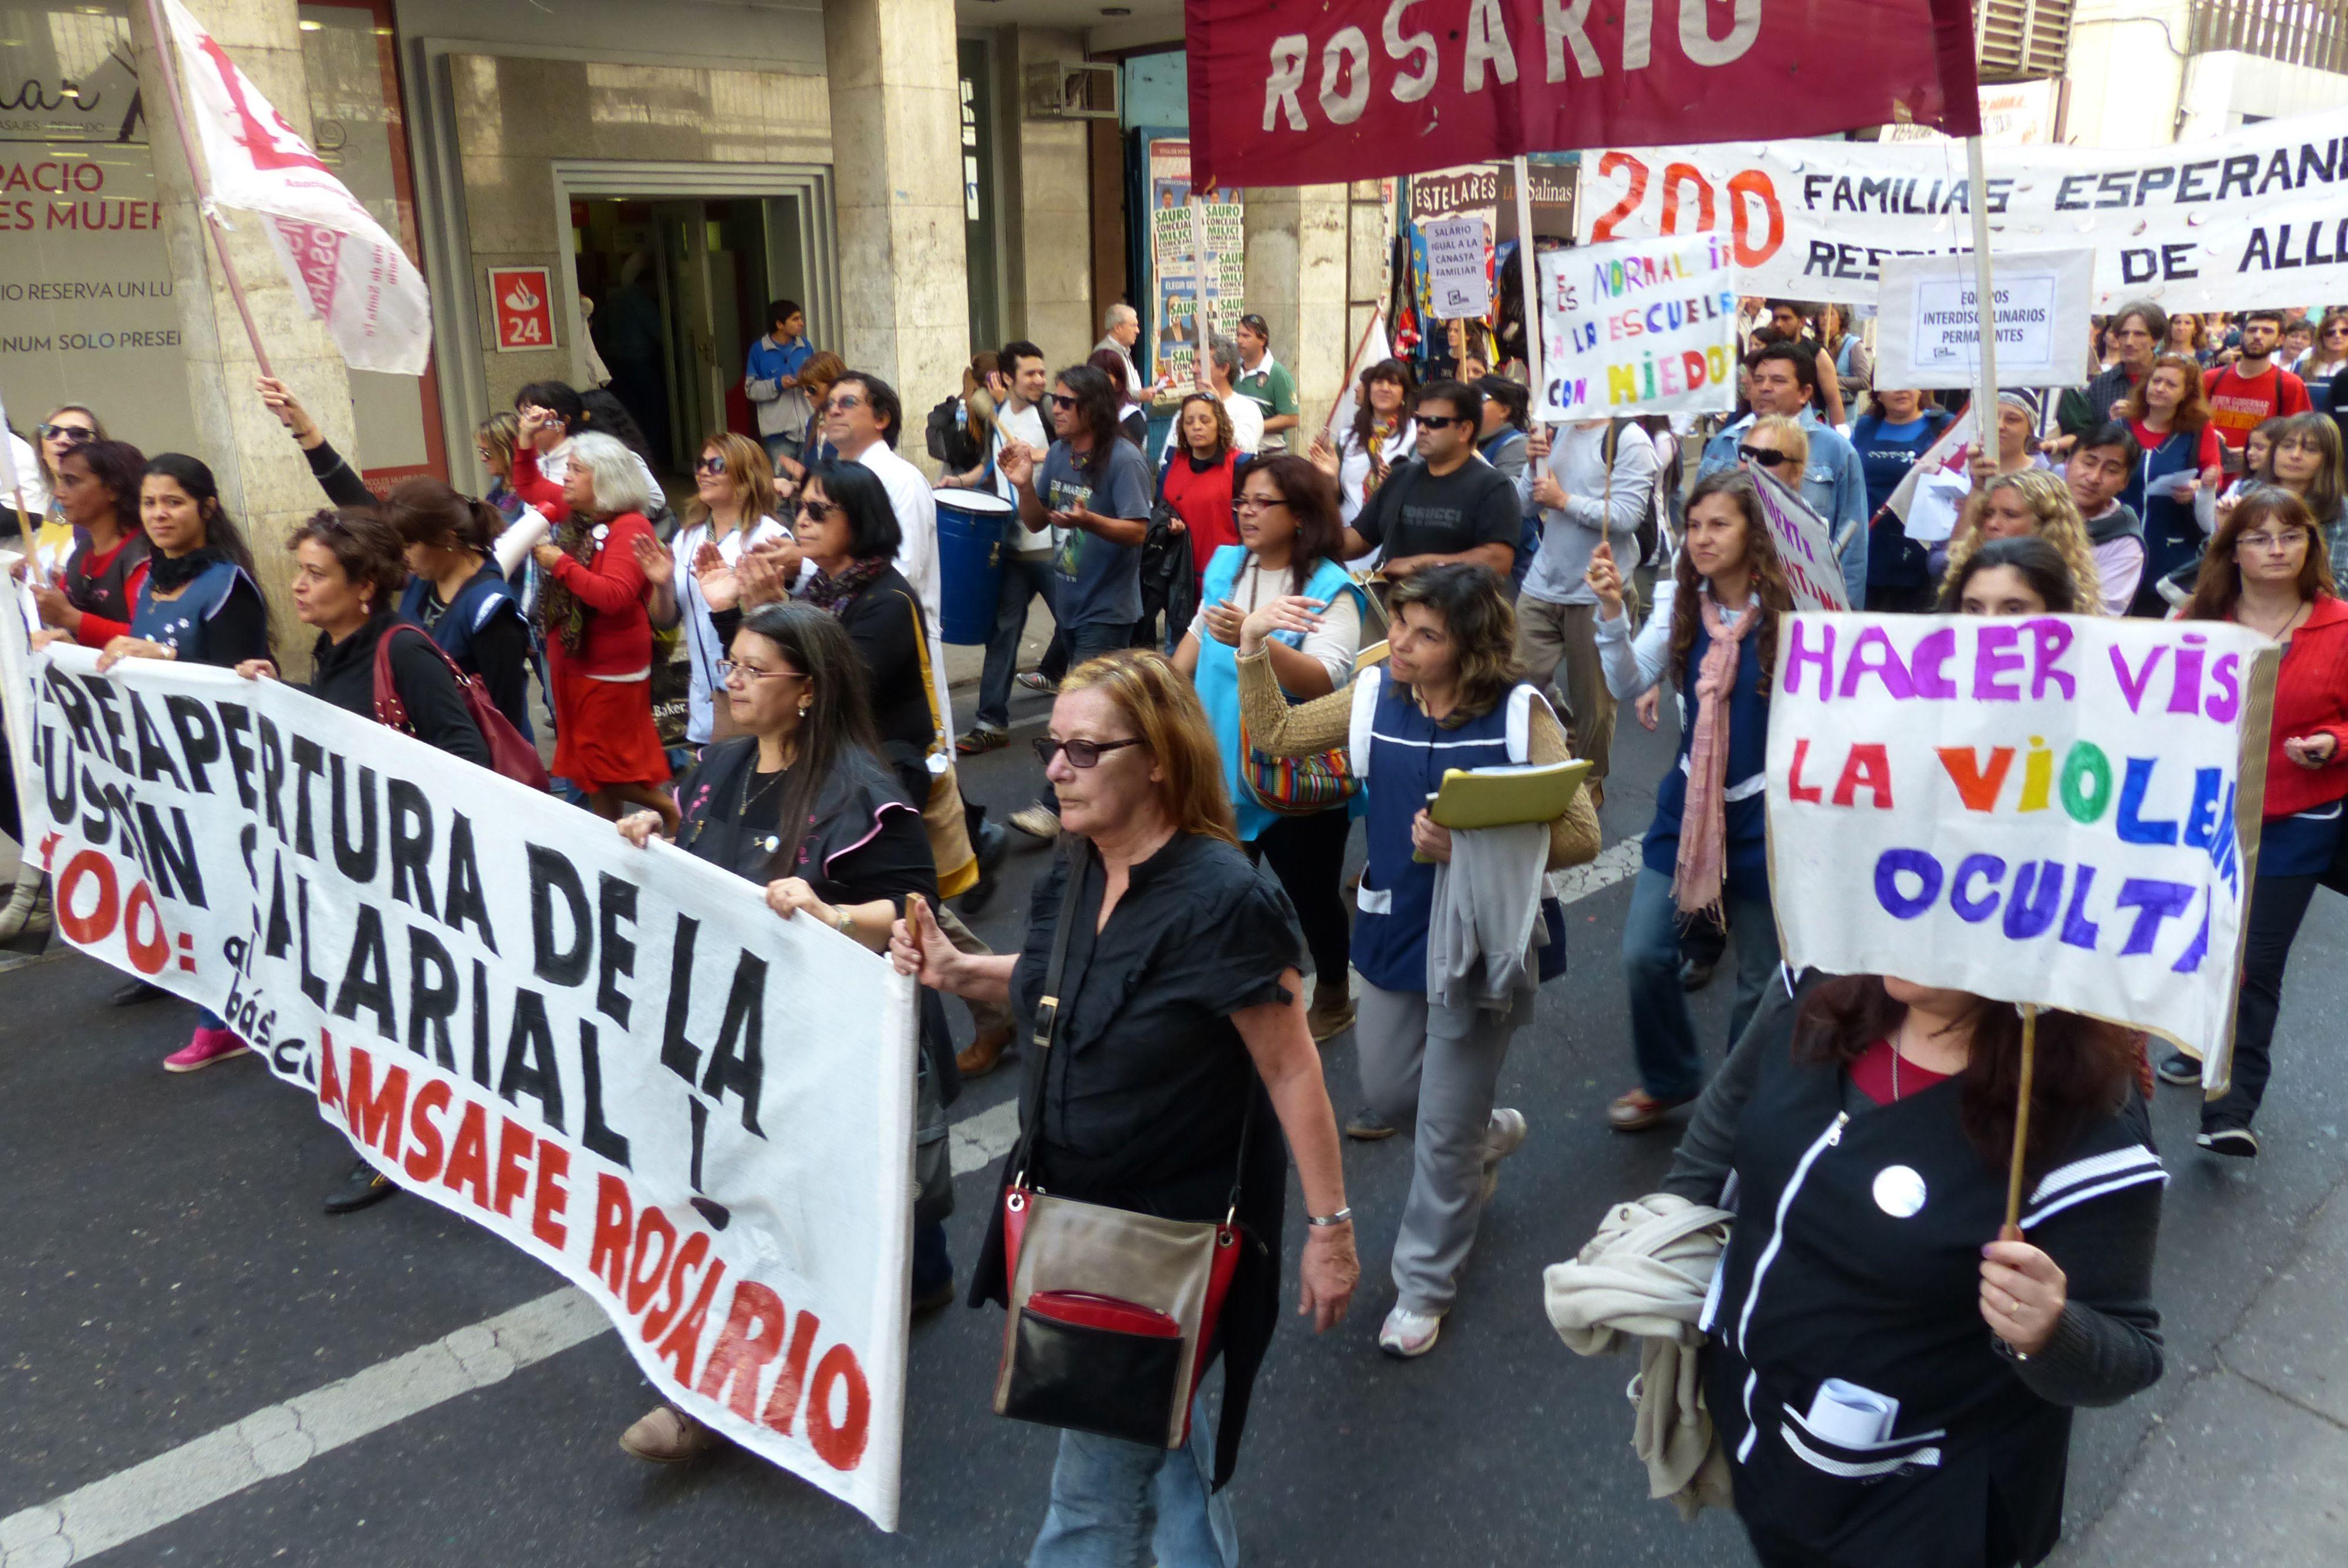 La marcha de ayer culminó con un acto en plaza San Martín. Hoy ratificaron que habrá descuento de sueldo. (Foto: A. Amaya)